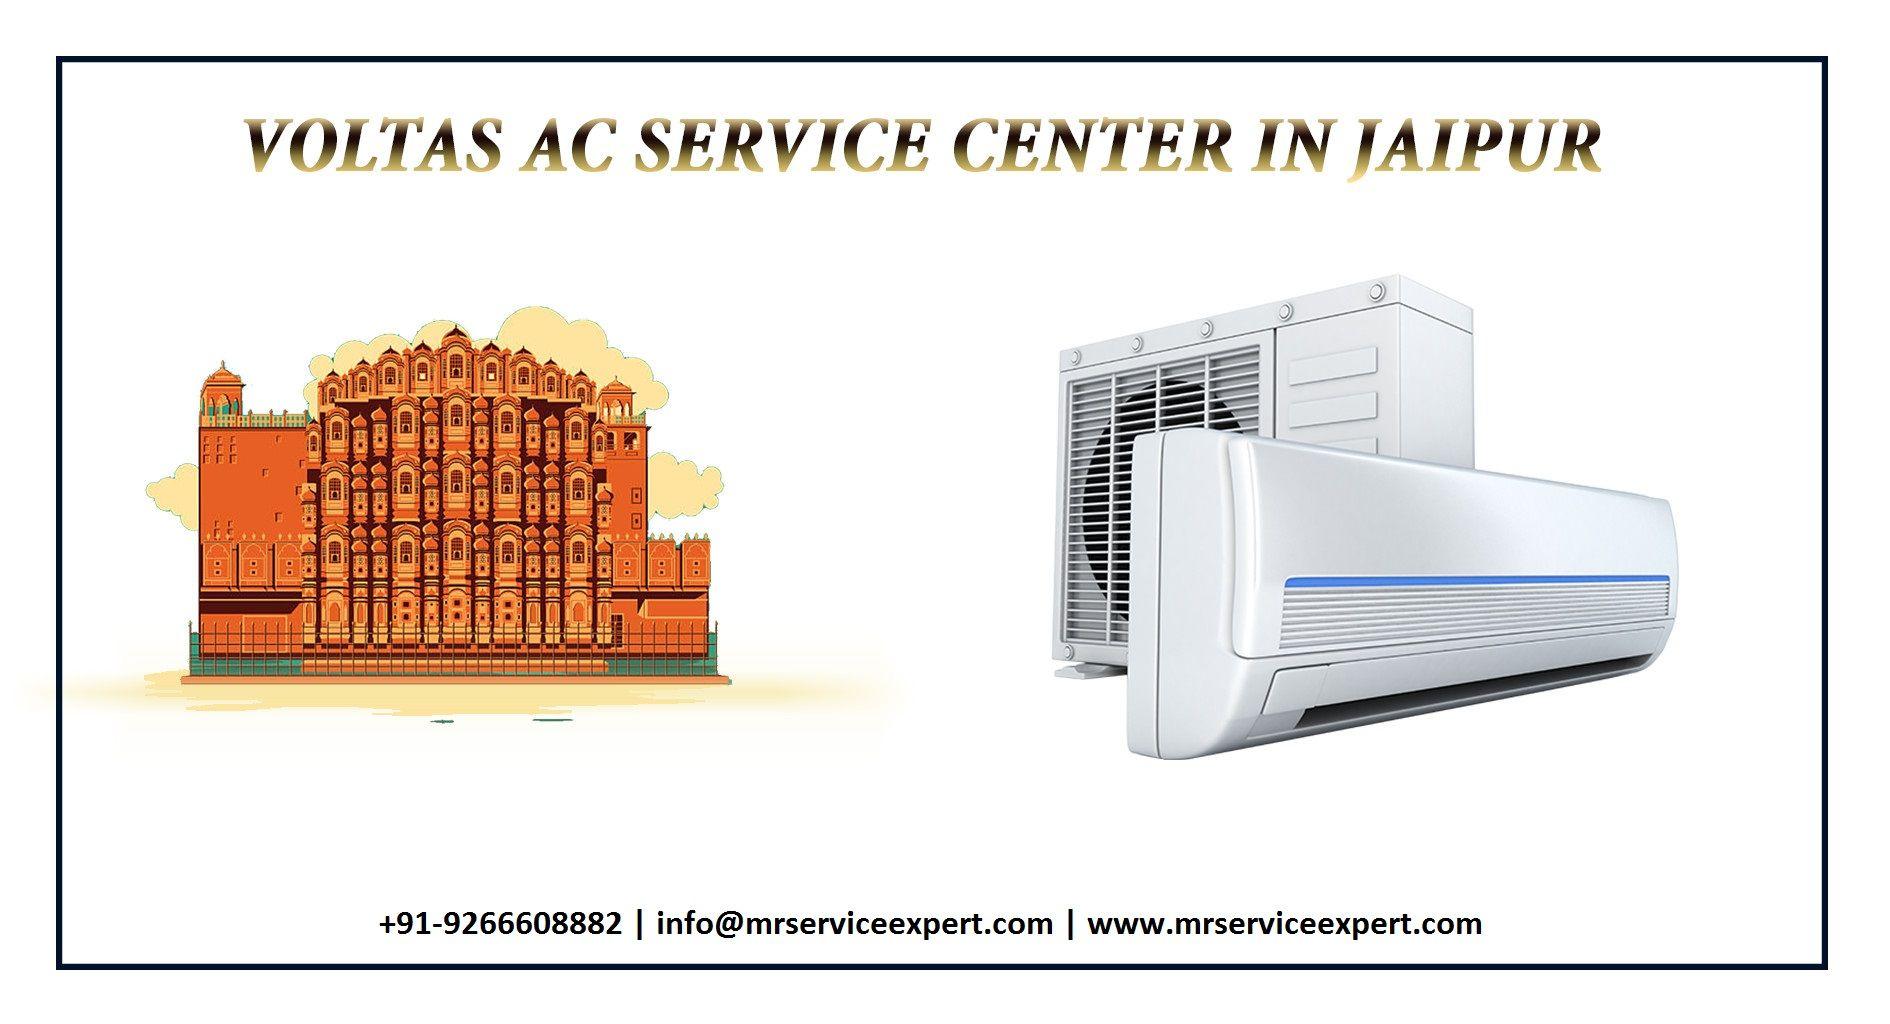 Voltas Ac Service Center in Jaipur 9266608882 in 2020